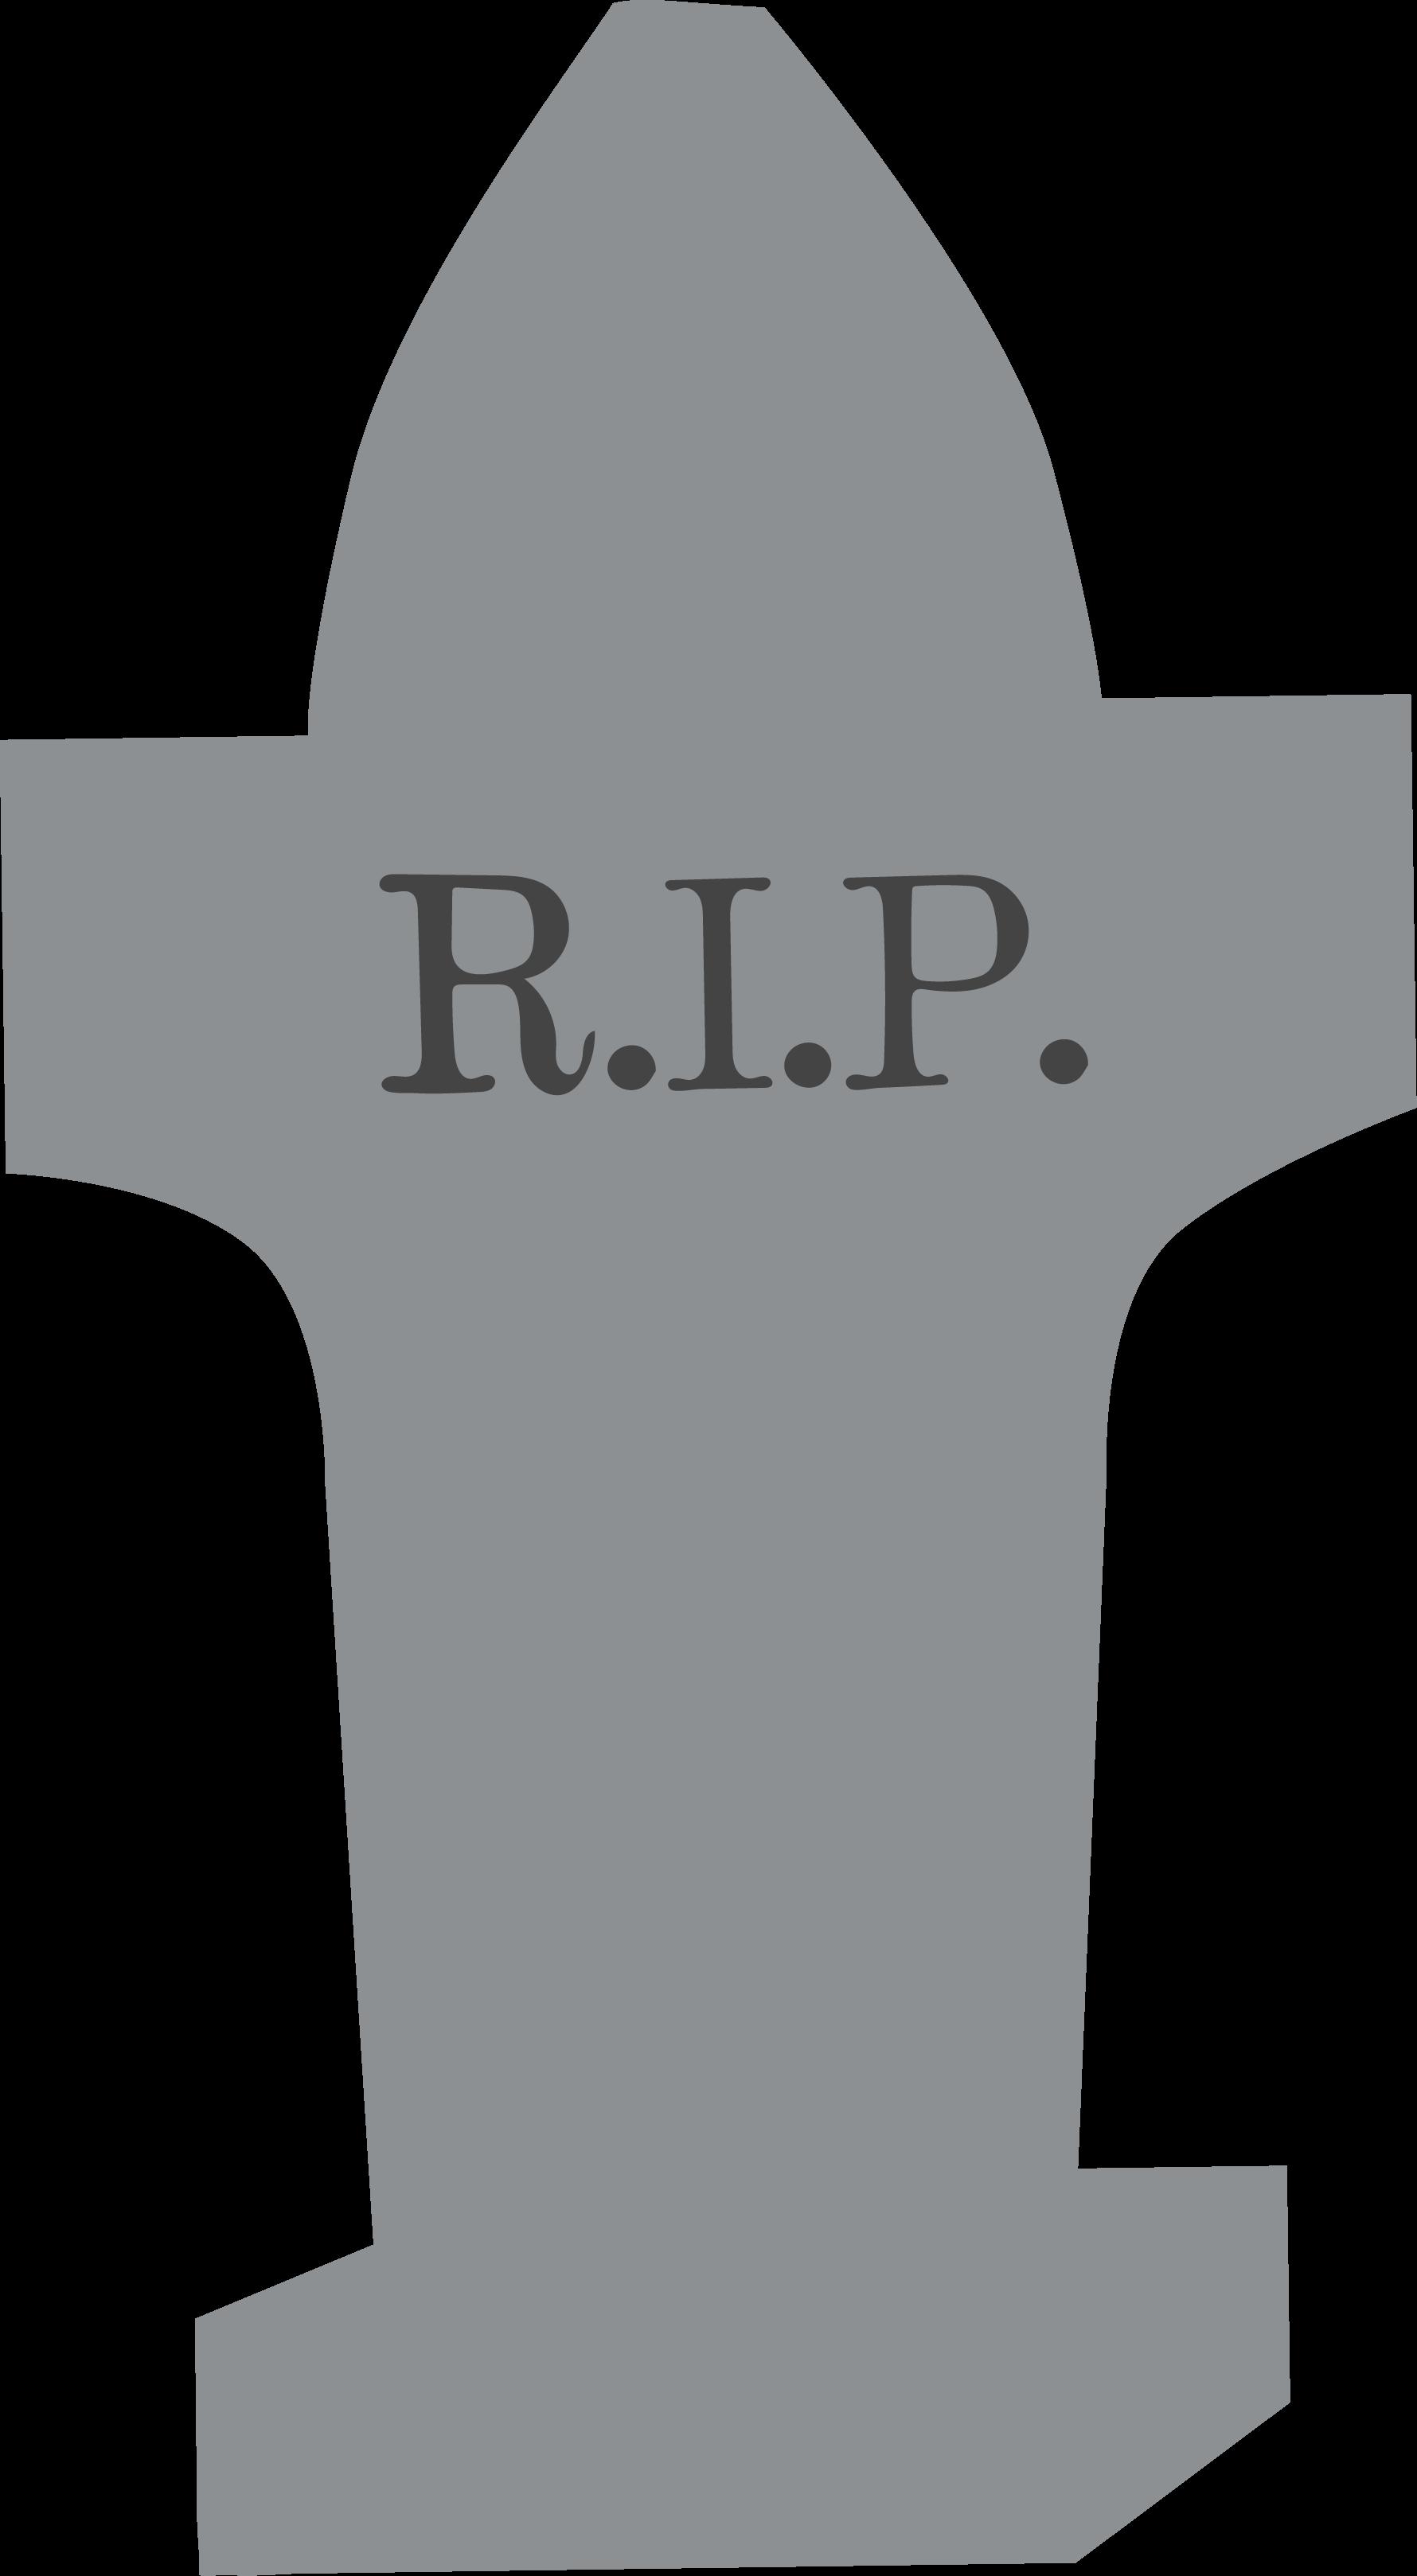 R.I.P. SVG Cut File